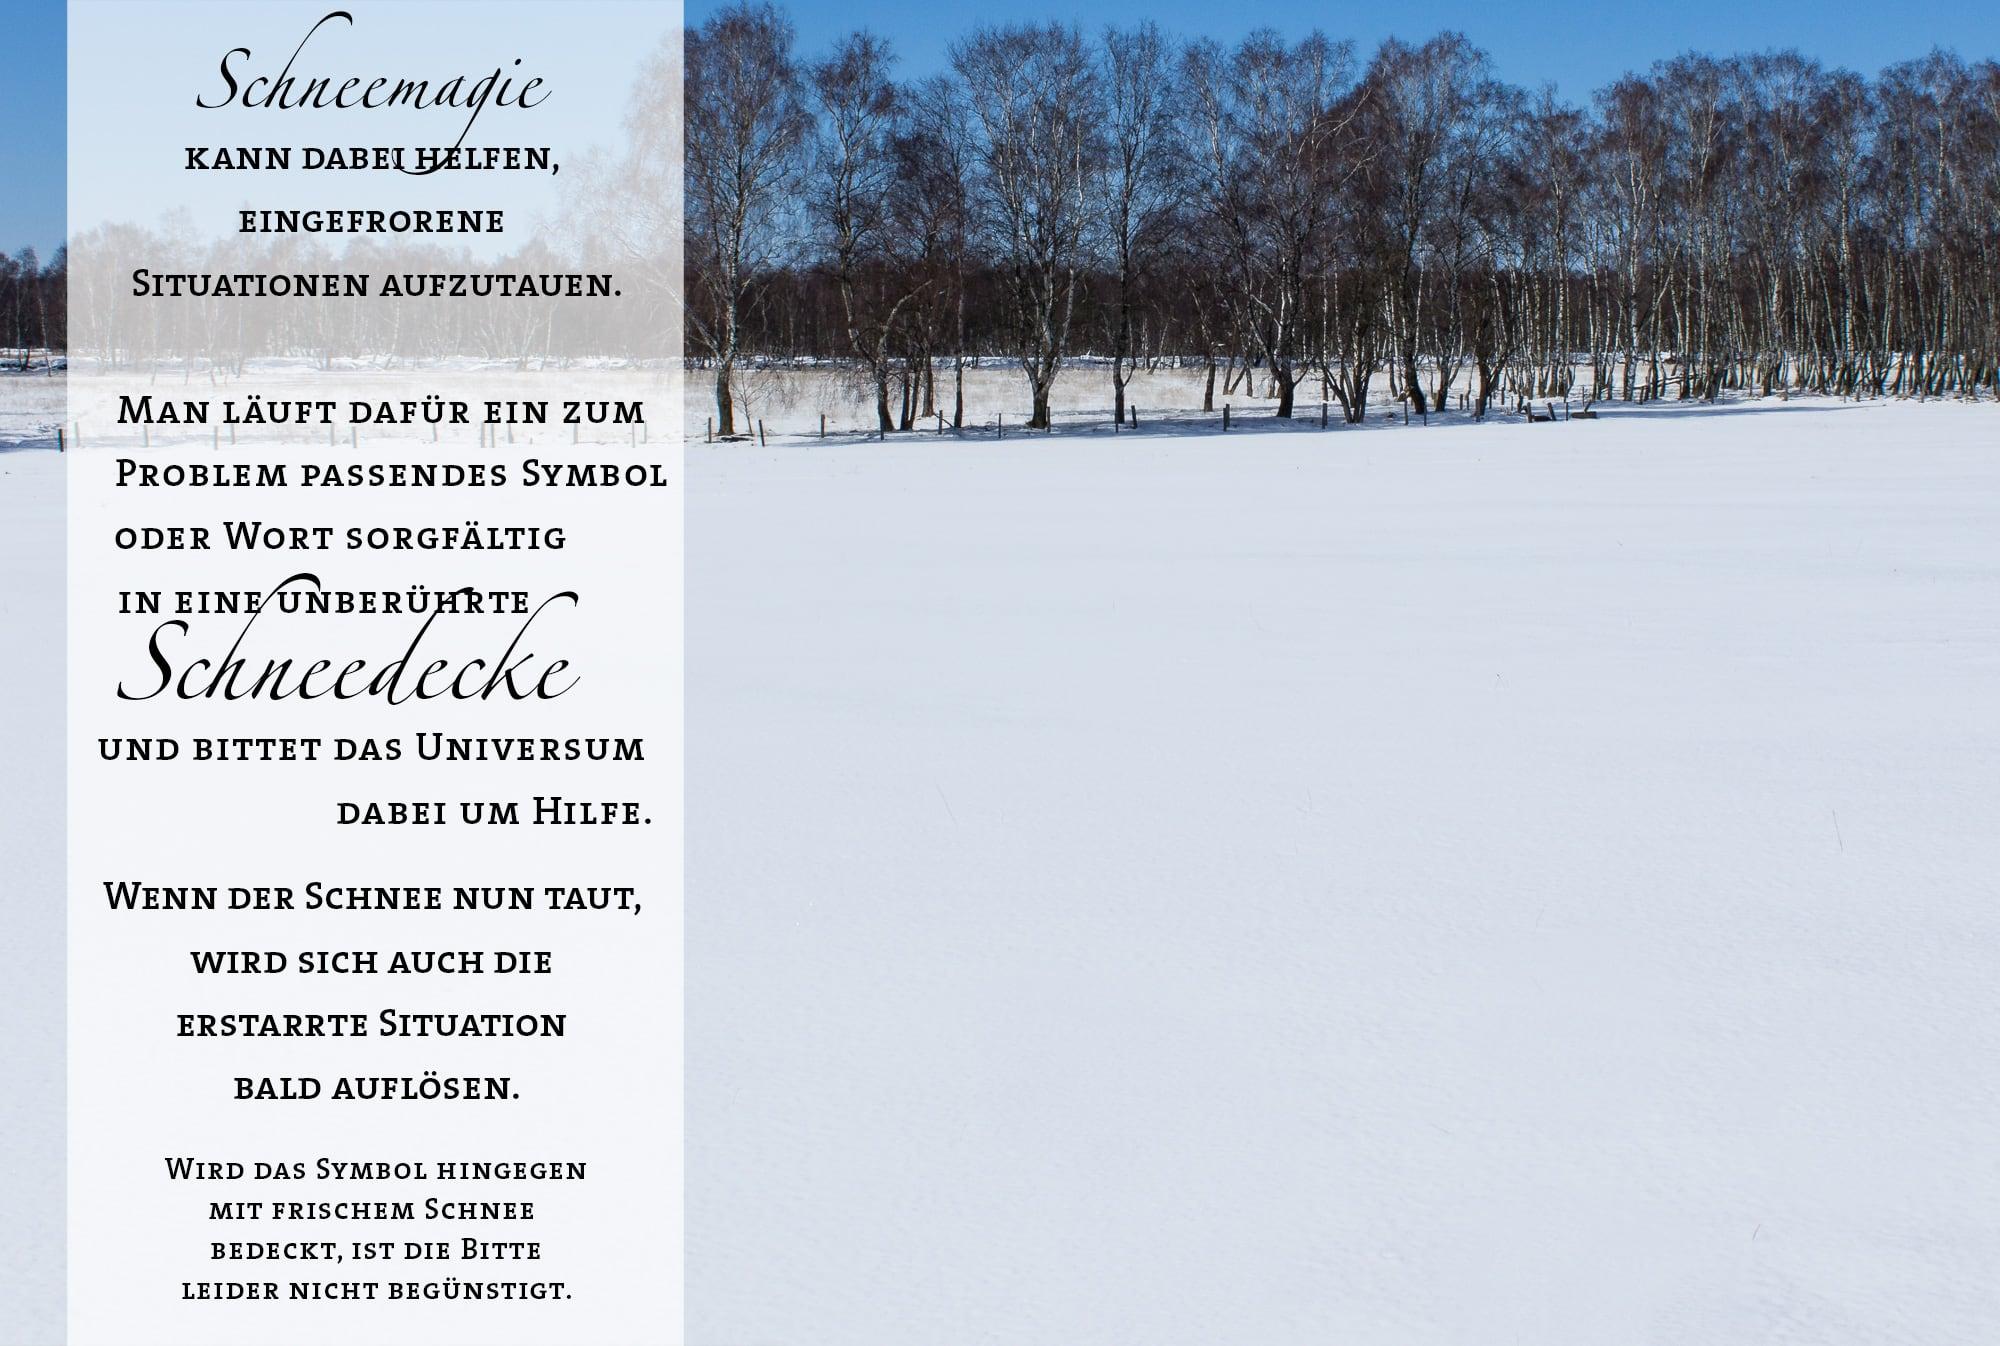 Schneemagie kann dabei helfen, eingefrorene Situationen aufzutauen. Man läuft dafür ein zum Problem passendes Symbol oder Wort sorgfältig in eine unberührte Schneedecke und bittet das Universum dabei um Hilfe. Wenn der Schnee nun taut, wird sich auch die erstarrte Situation bald auflösen. Wird das Symbol hingegen mit frischem Schnee bedeckt, ist die Bitte leider nicht begünstigt.